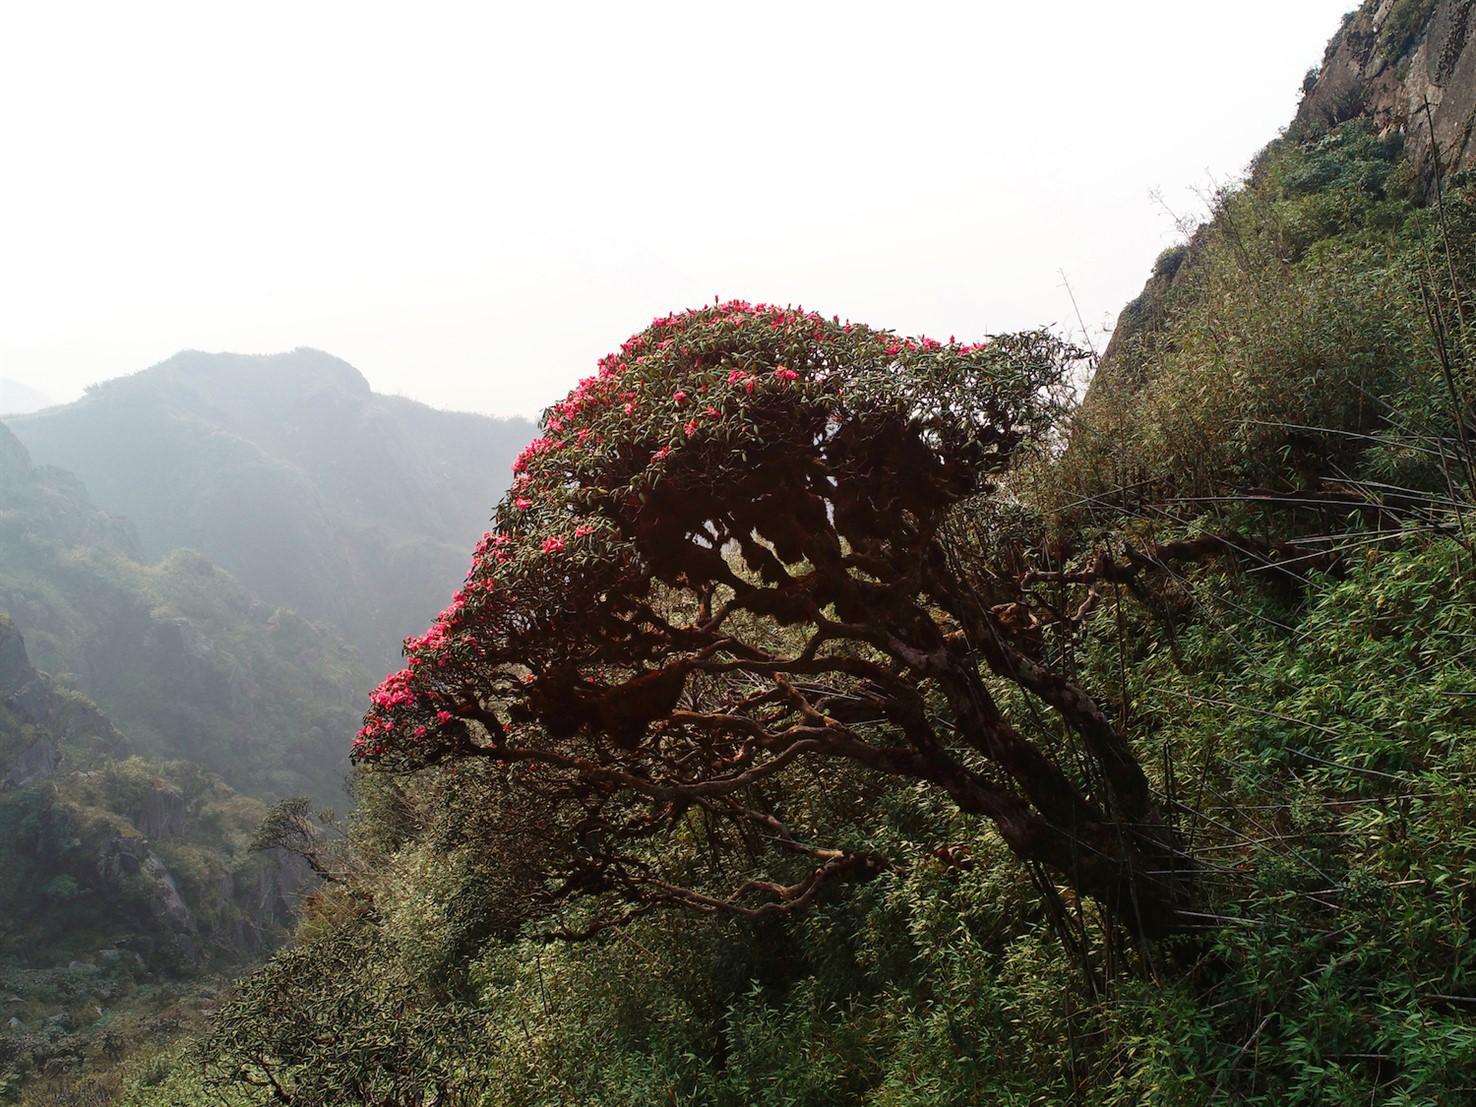 Xách ba lô lên và khám phá vương quốc hoa đỗ quyên - Ảnh 1.